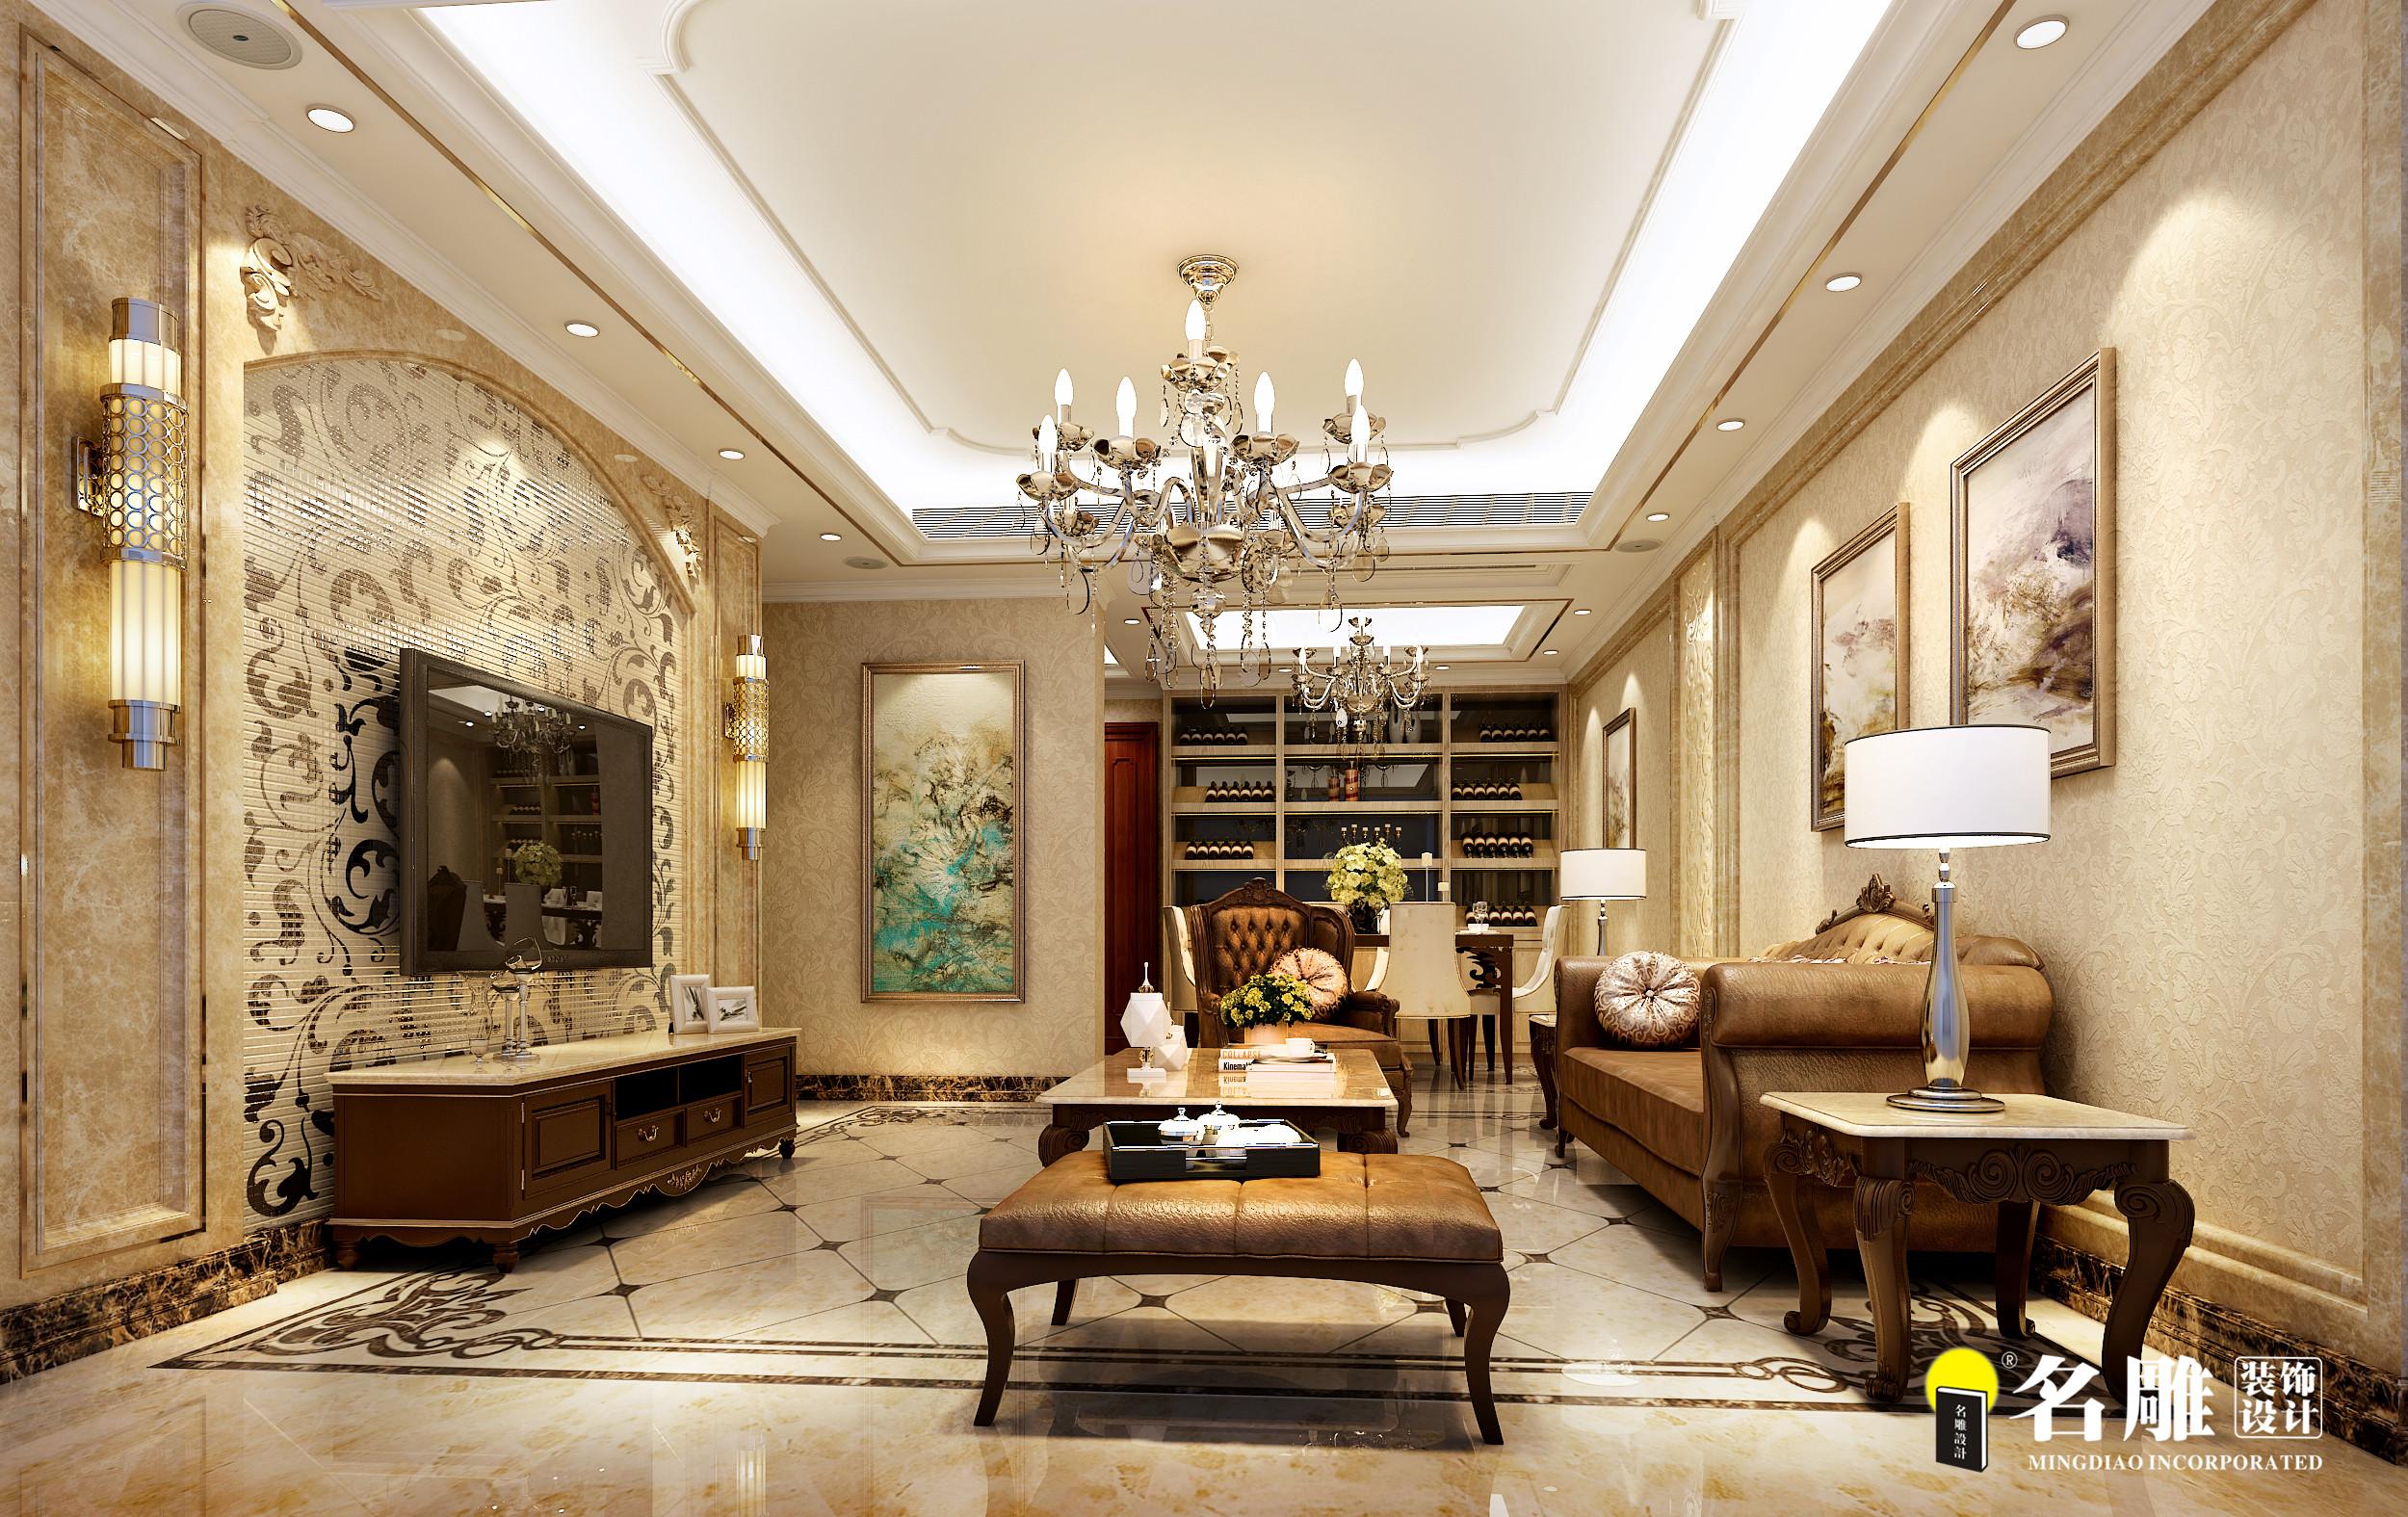 欧式 三居 环保 华丽 温和 客厅图片来自名雕装饰长沙分公司在中粮北纬28°欧式平层的分享